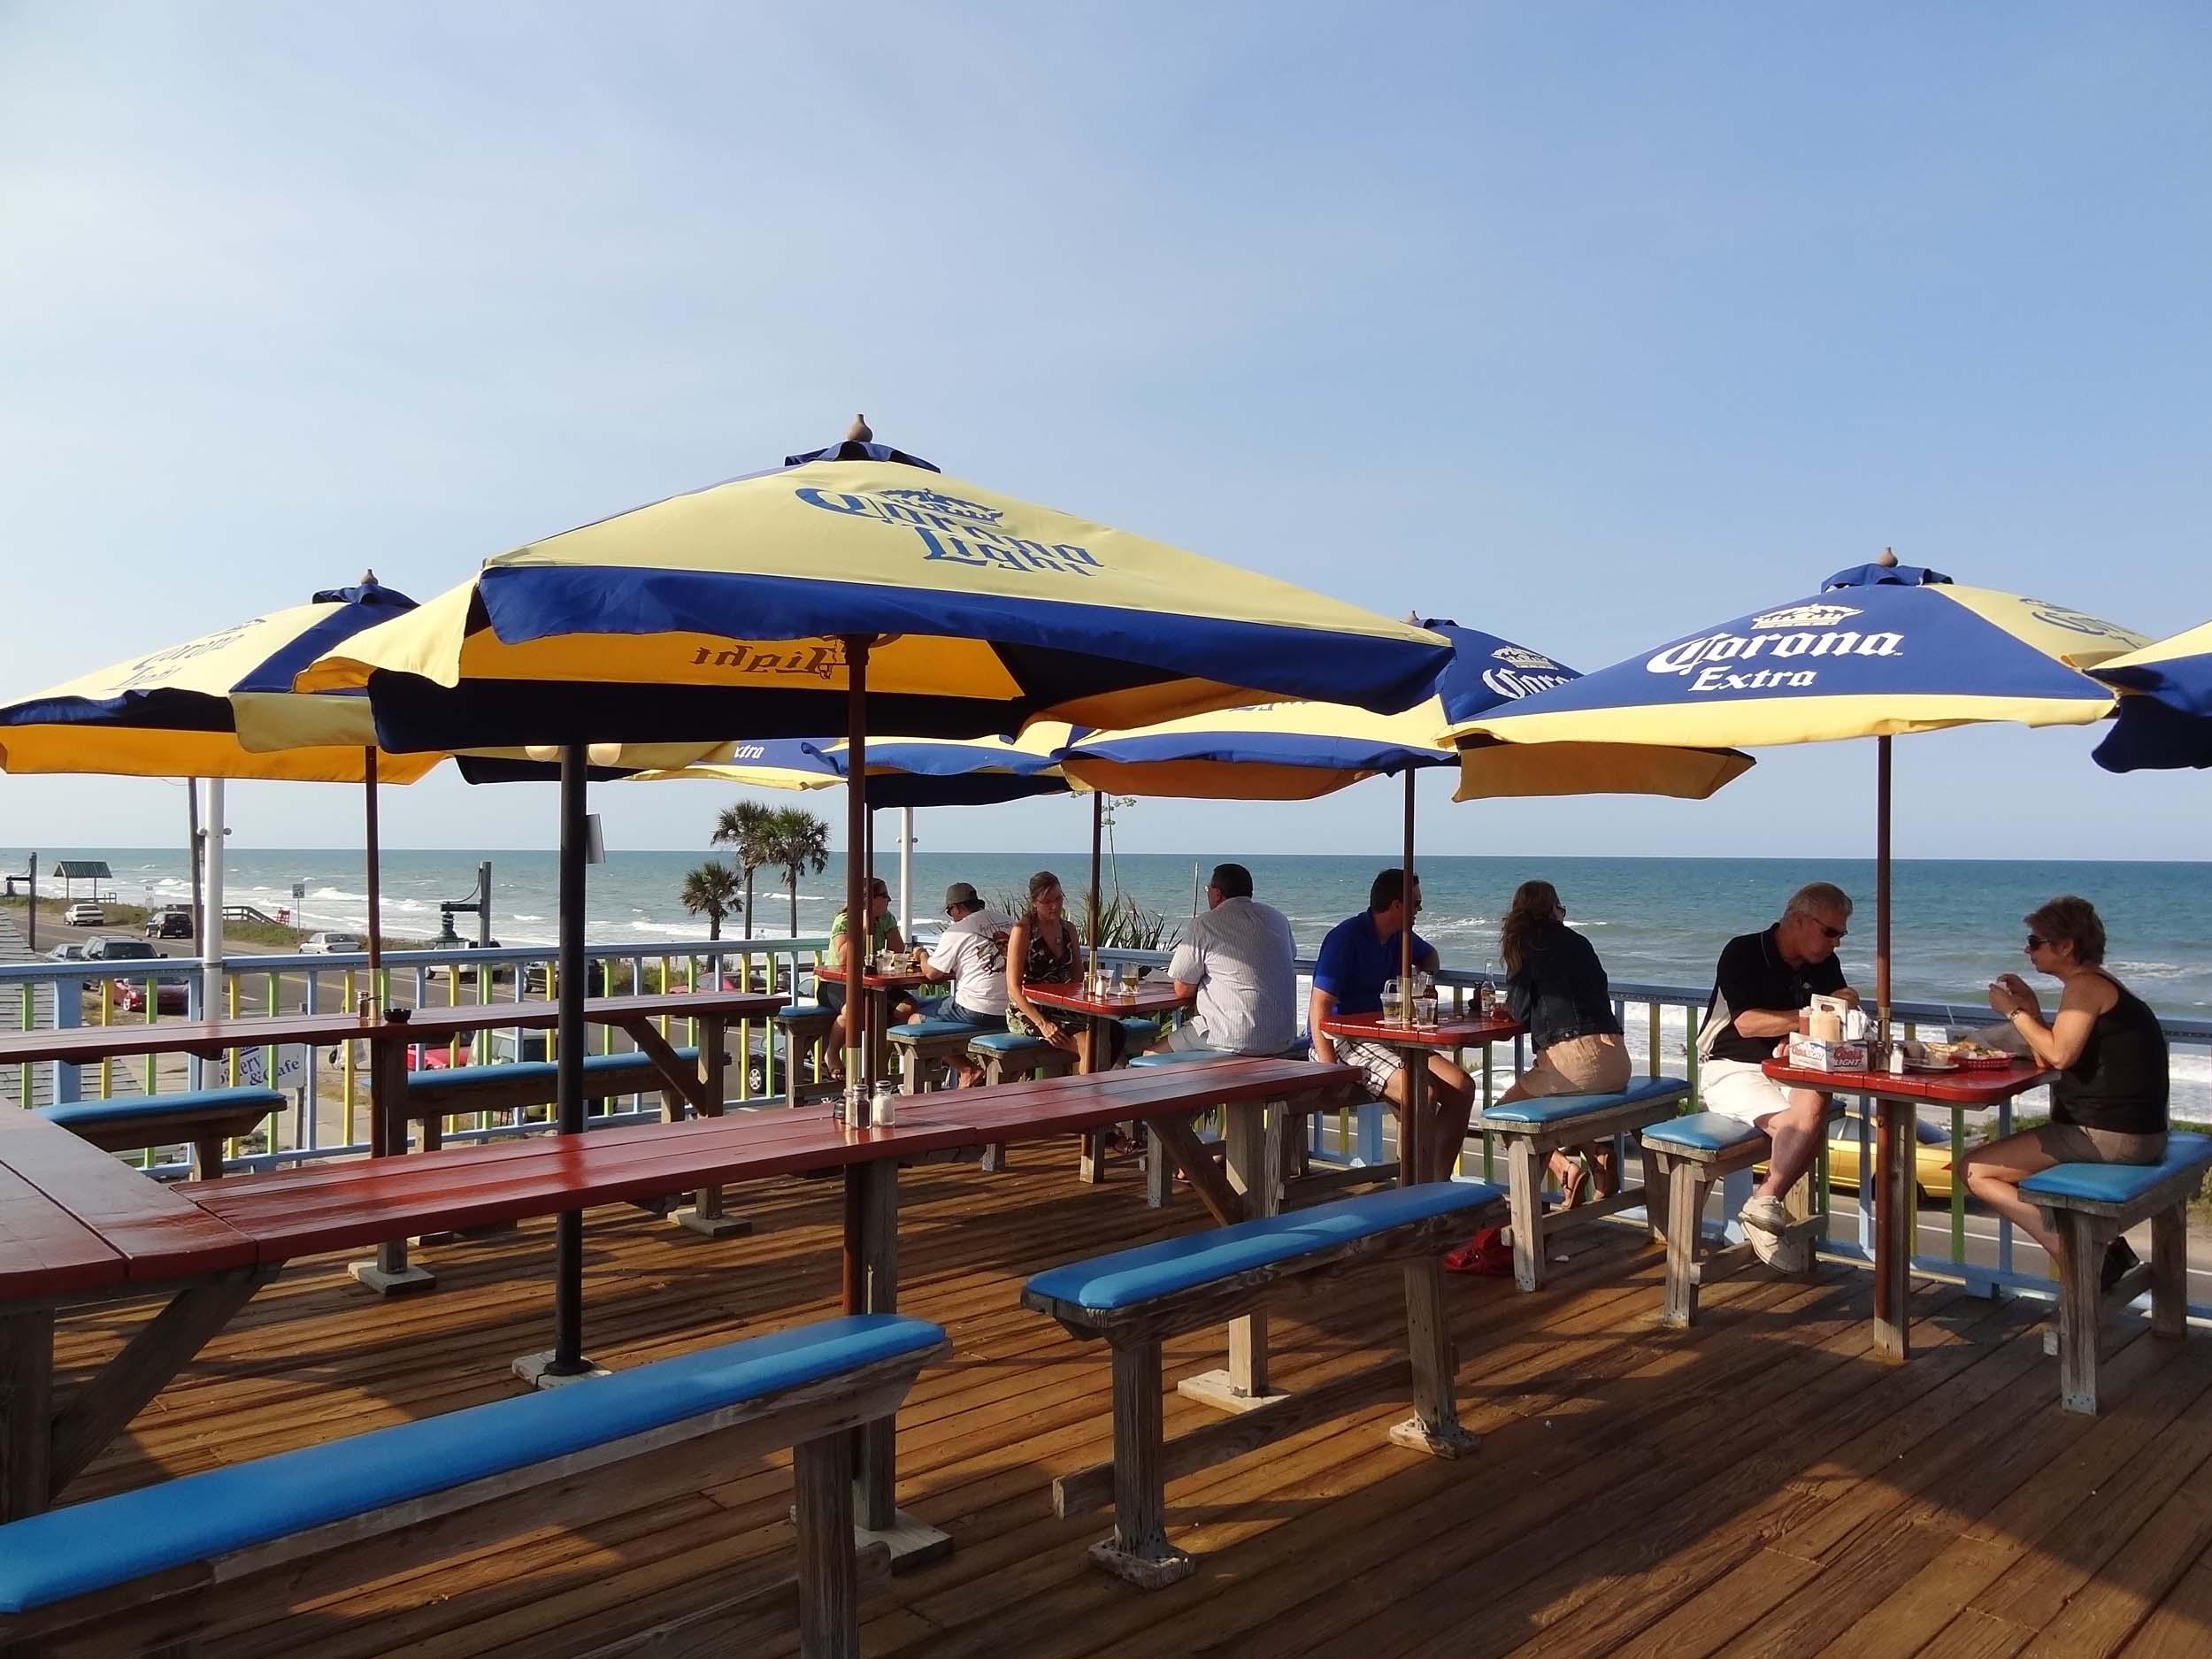 Golden Lion Cafe Upper Deck Beach View